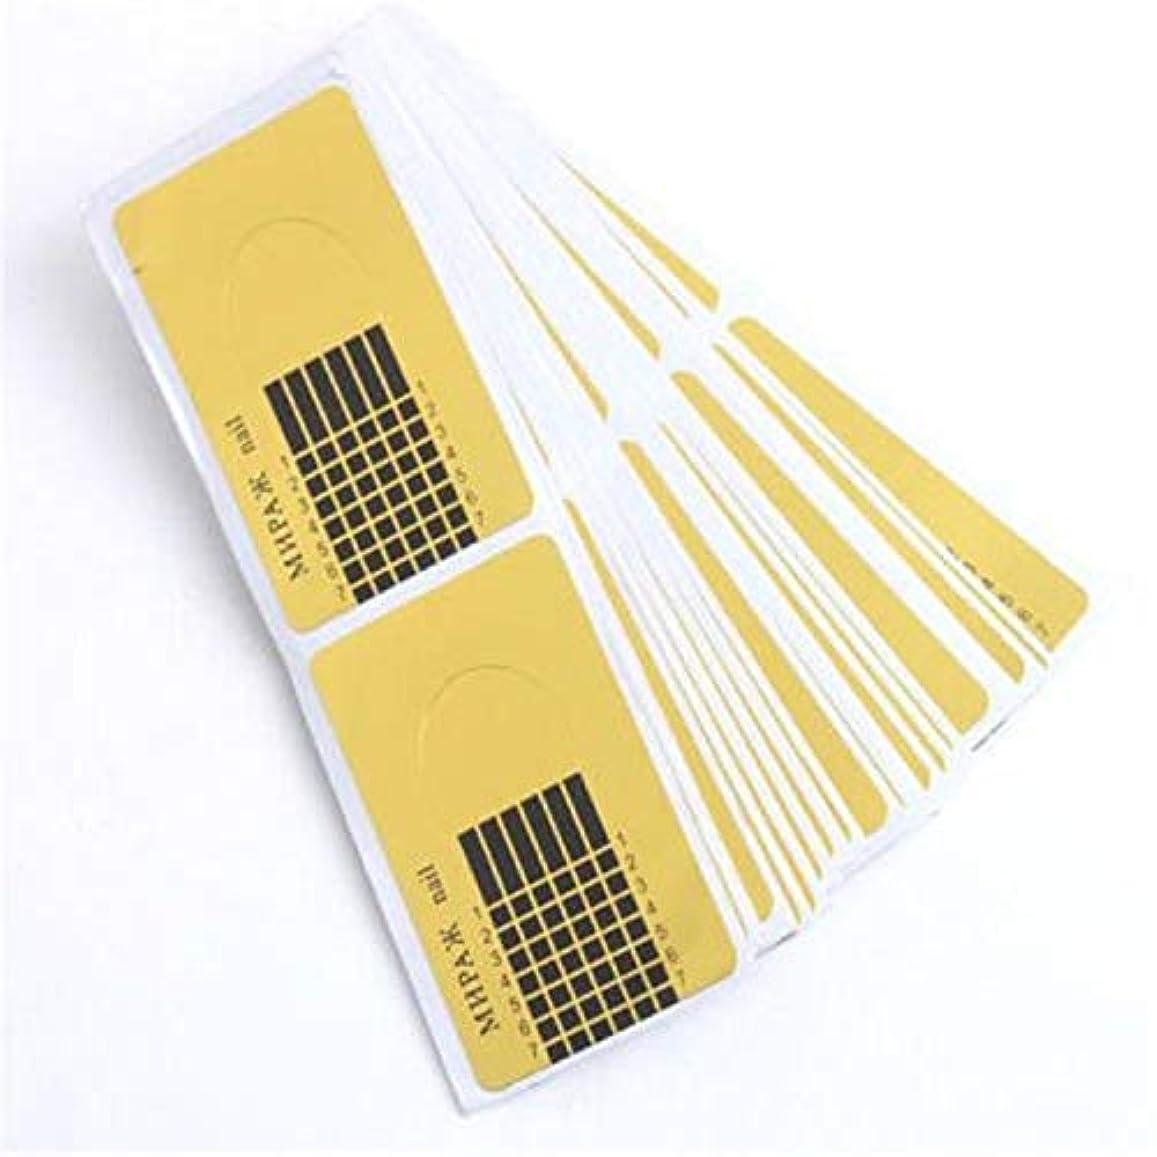 セミナー補償慣性Quzama-JS 先進デザイン100個新しいコンセプトゴールド昆虫タイプ指トリートメント爪サポートクリスタル特殊ホルダー(None golden)